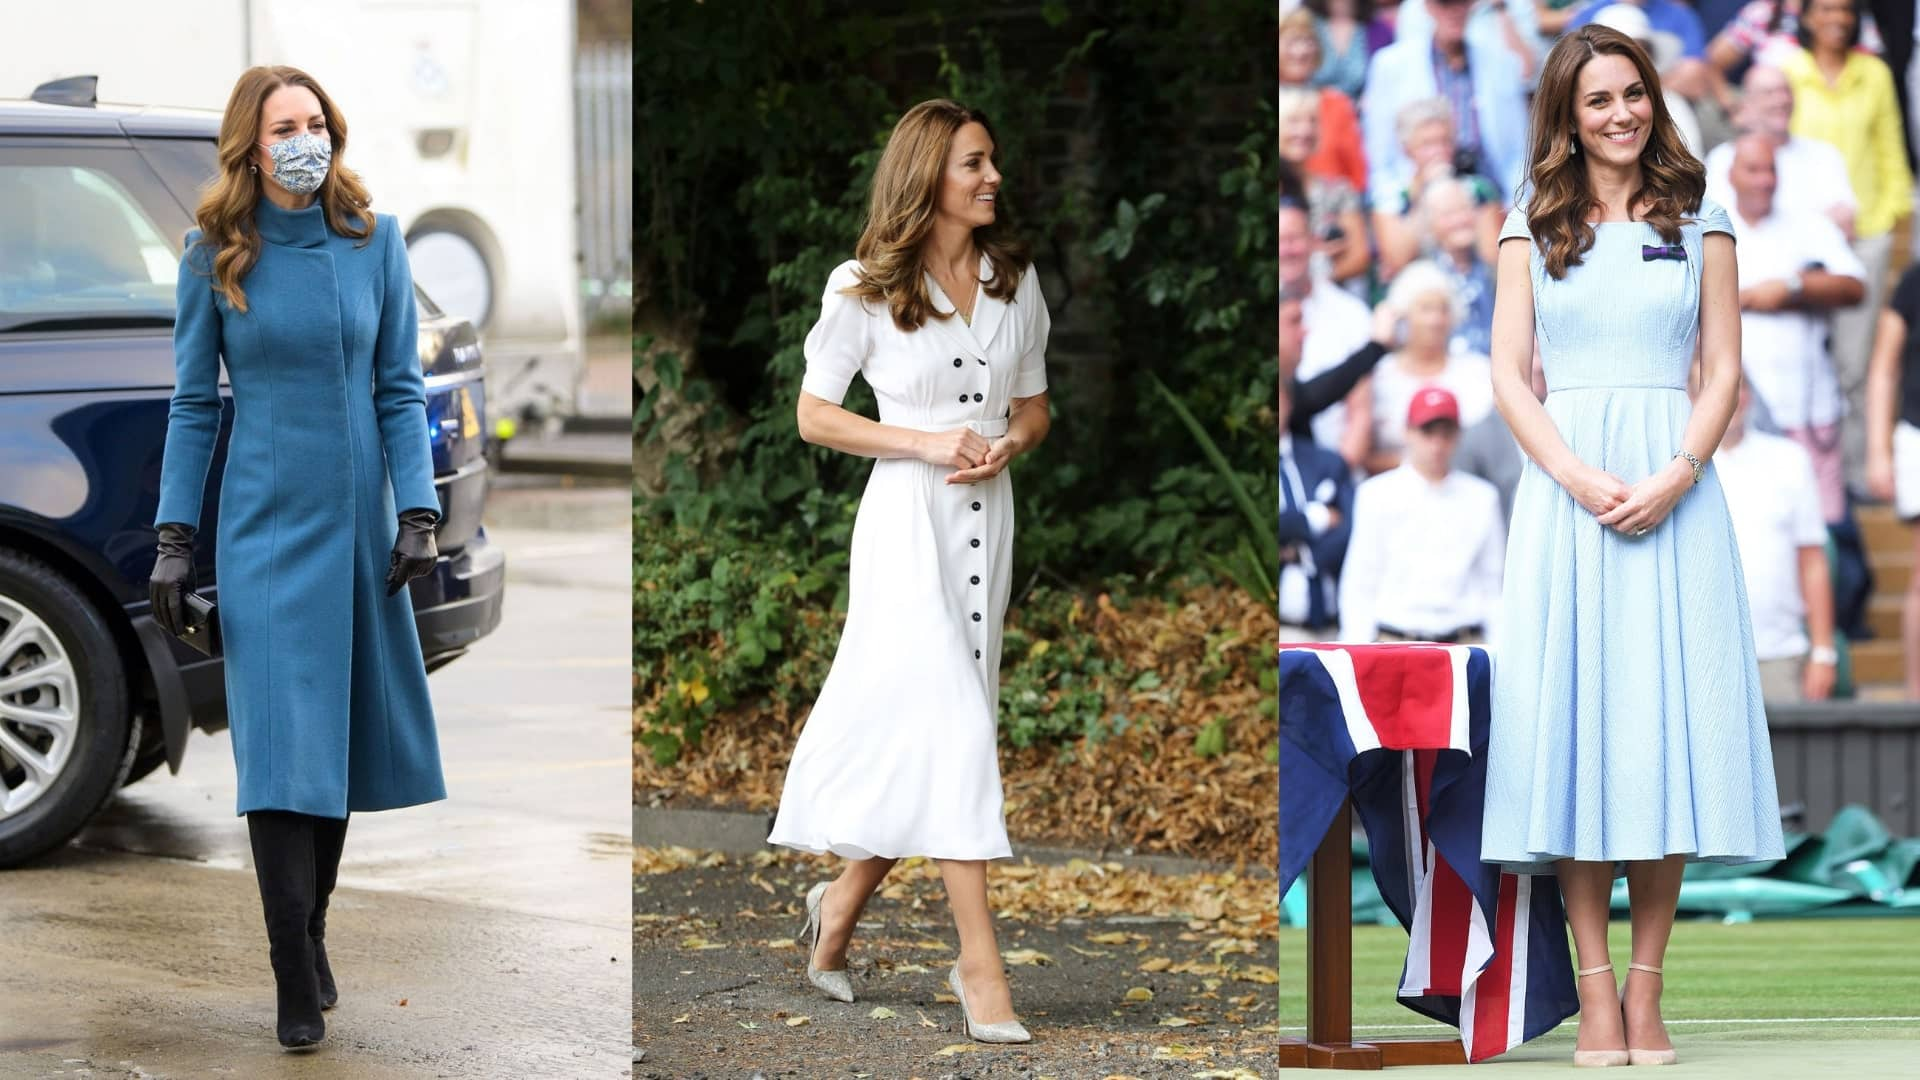 Gọi tên những biểu tượng thời trang Hoàng gia thế giới, có người mặc đẹp lấn át Công nương Kate - 3